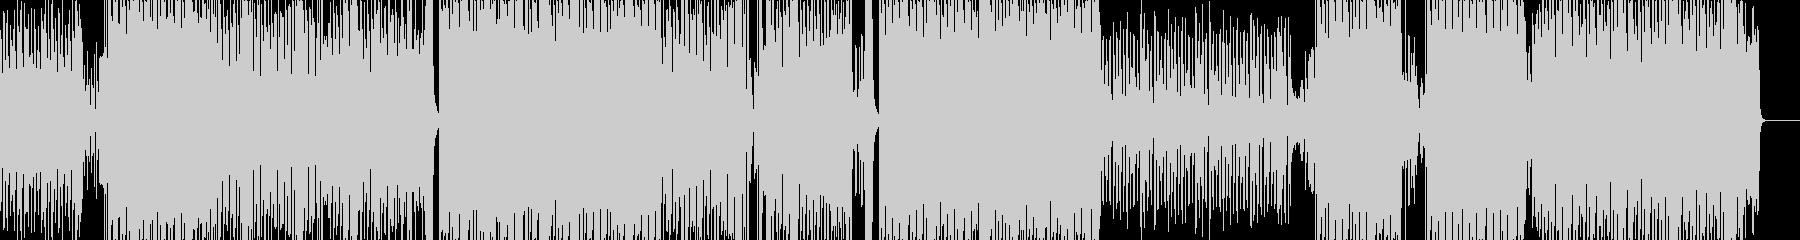 シンプルでユニーク/軽快なエレクトロ音楽の未再生の波形